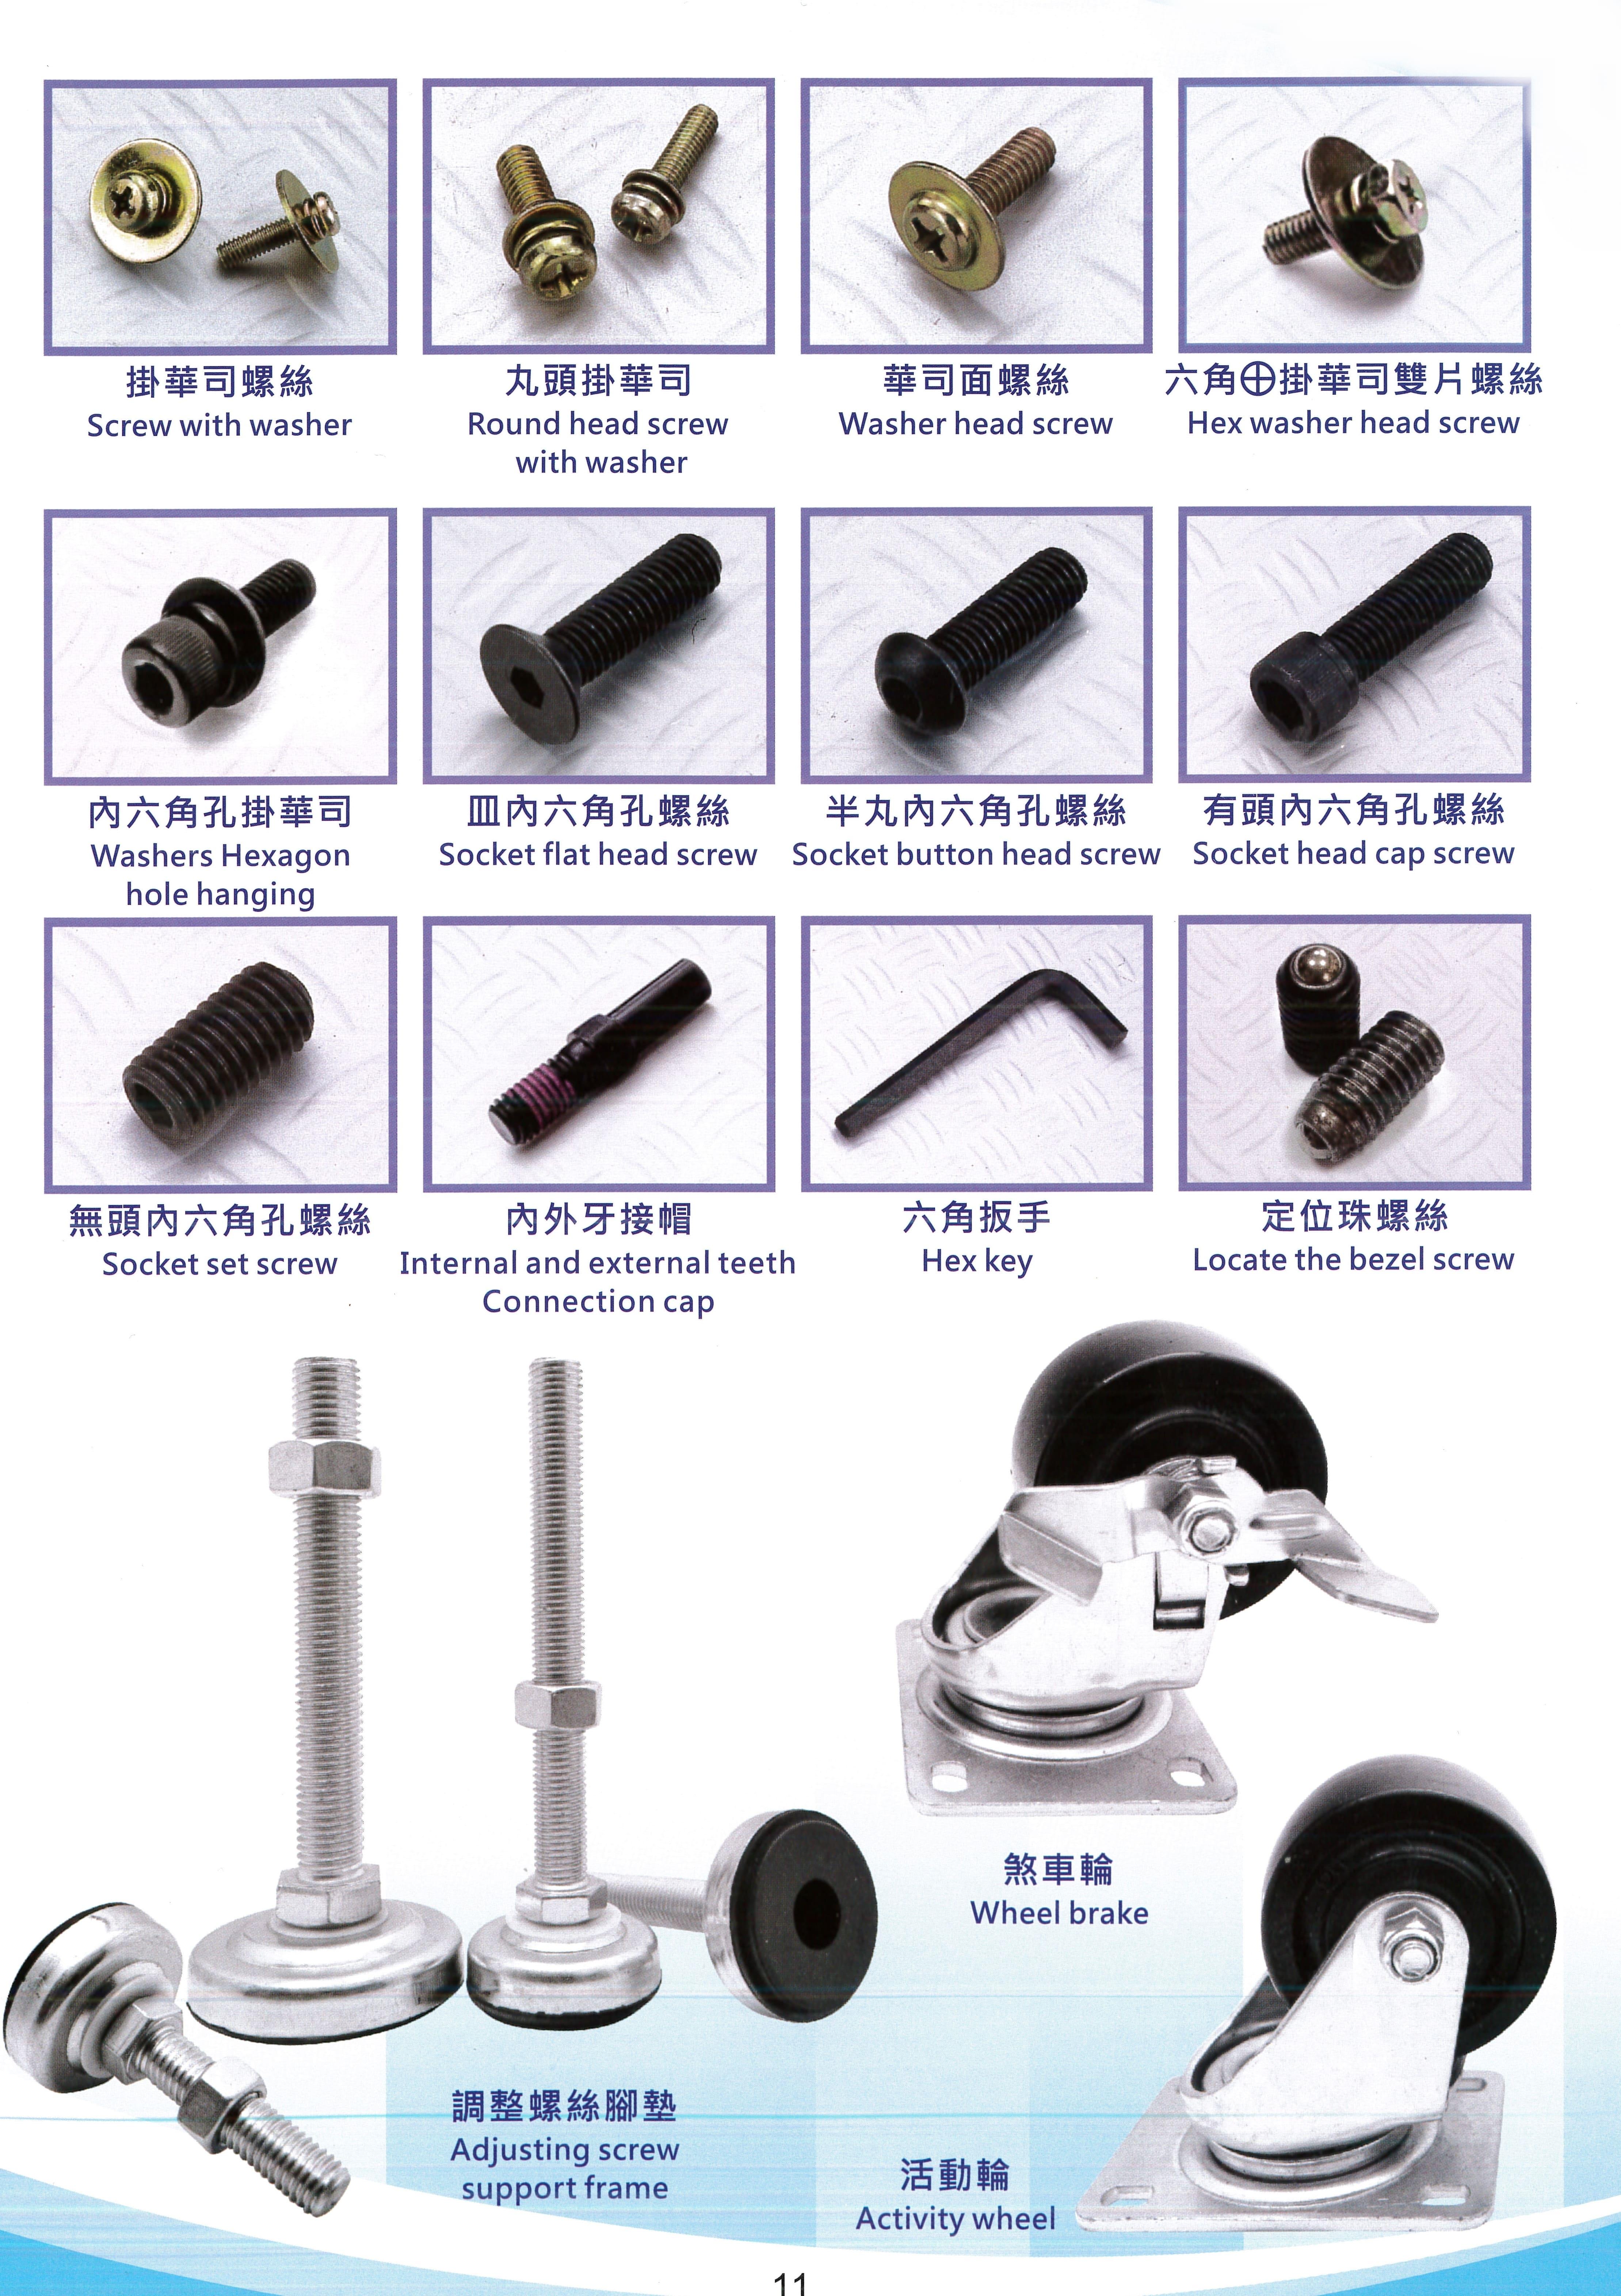 機械螺絲-2.jpg